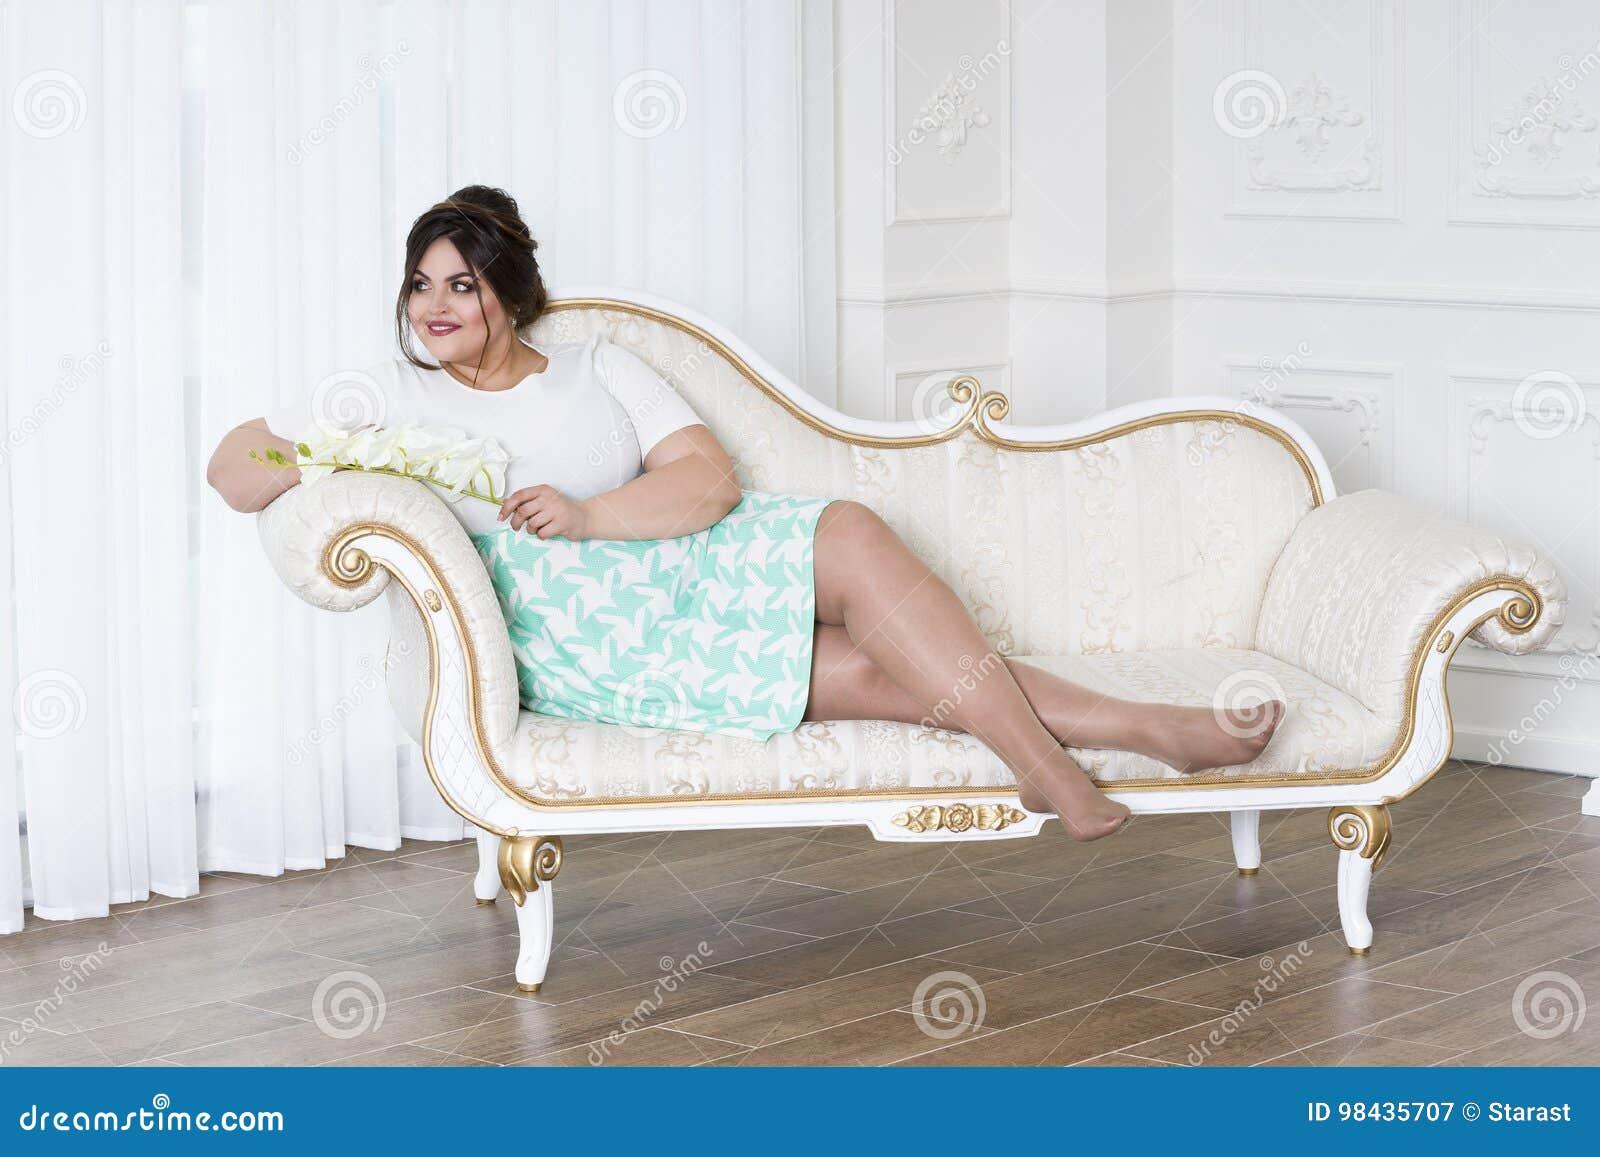 Modelo De Moda Del Tamaño Extra Grande, Mujer Gorda En Interior De ...